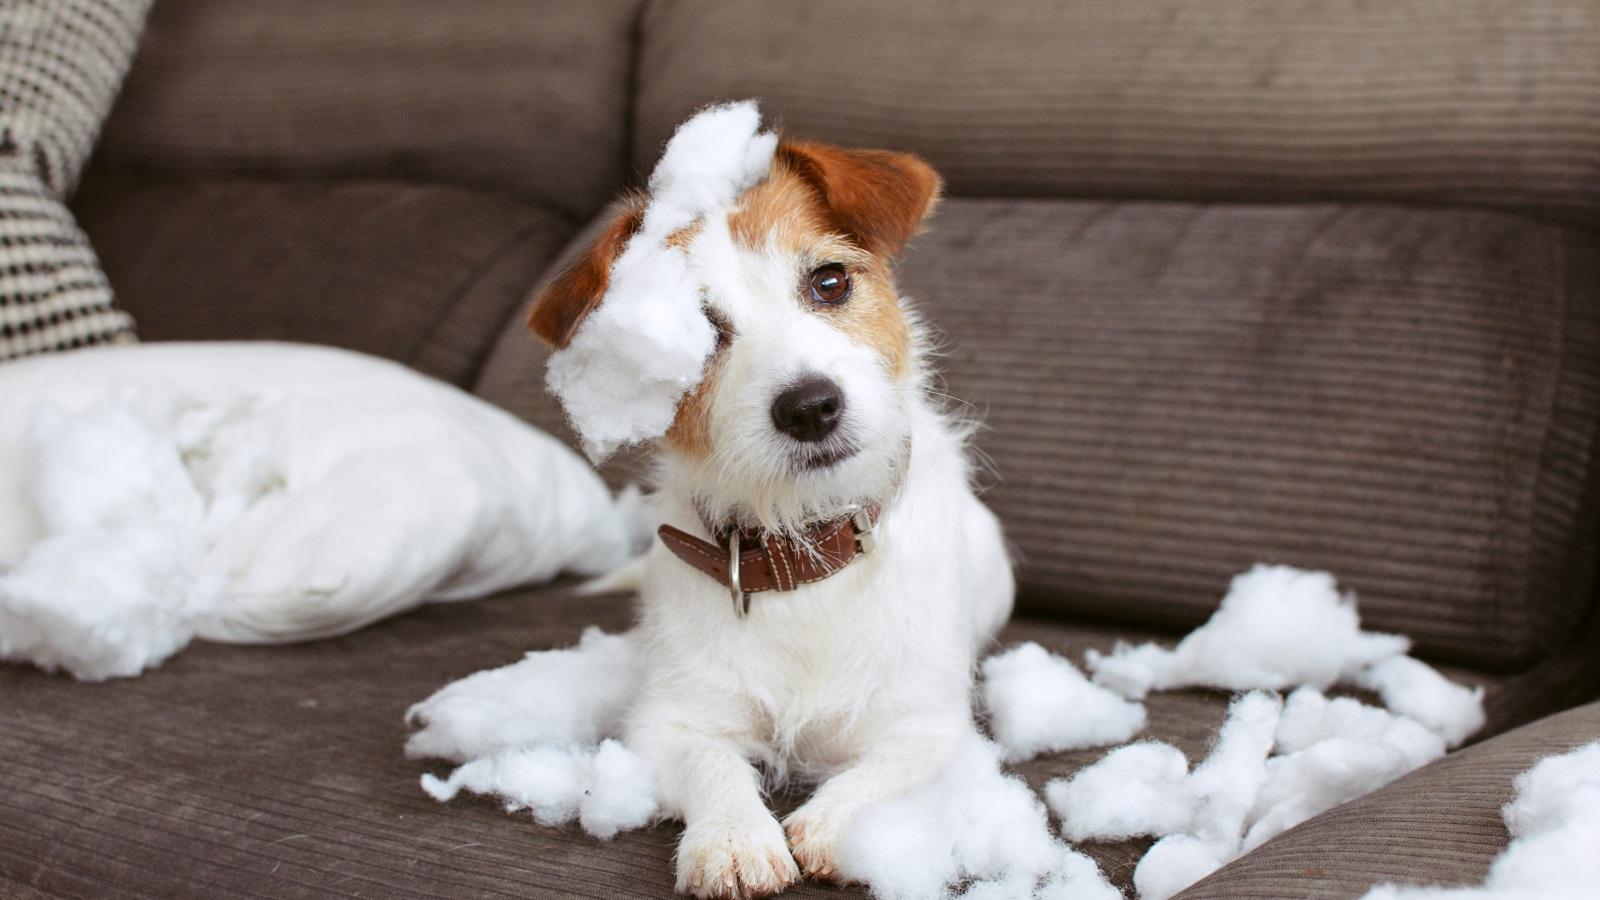 <p>Ако сте се питали какви ги вършат кучетата и котките, когато останат сами у дома, можете да потърсите отговори в британско проучване, разкриващо тайния живот на четириногите питомци.</p>